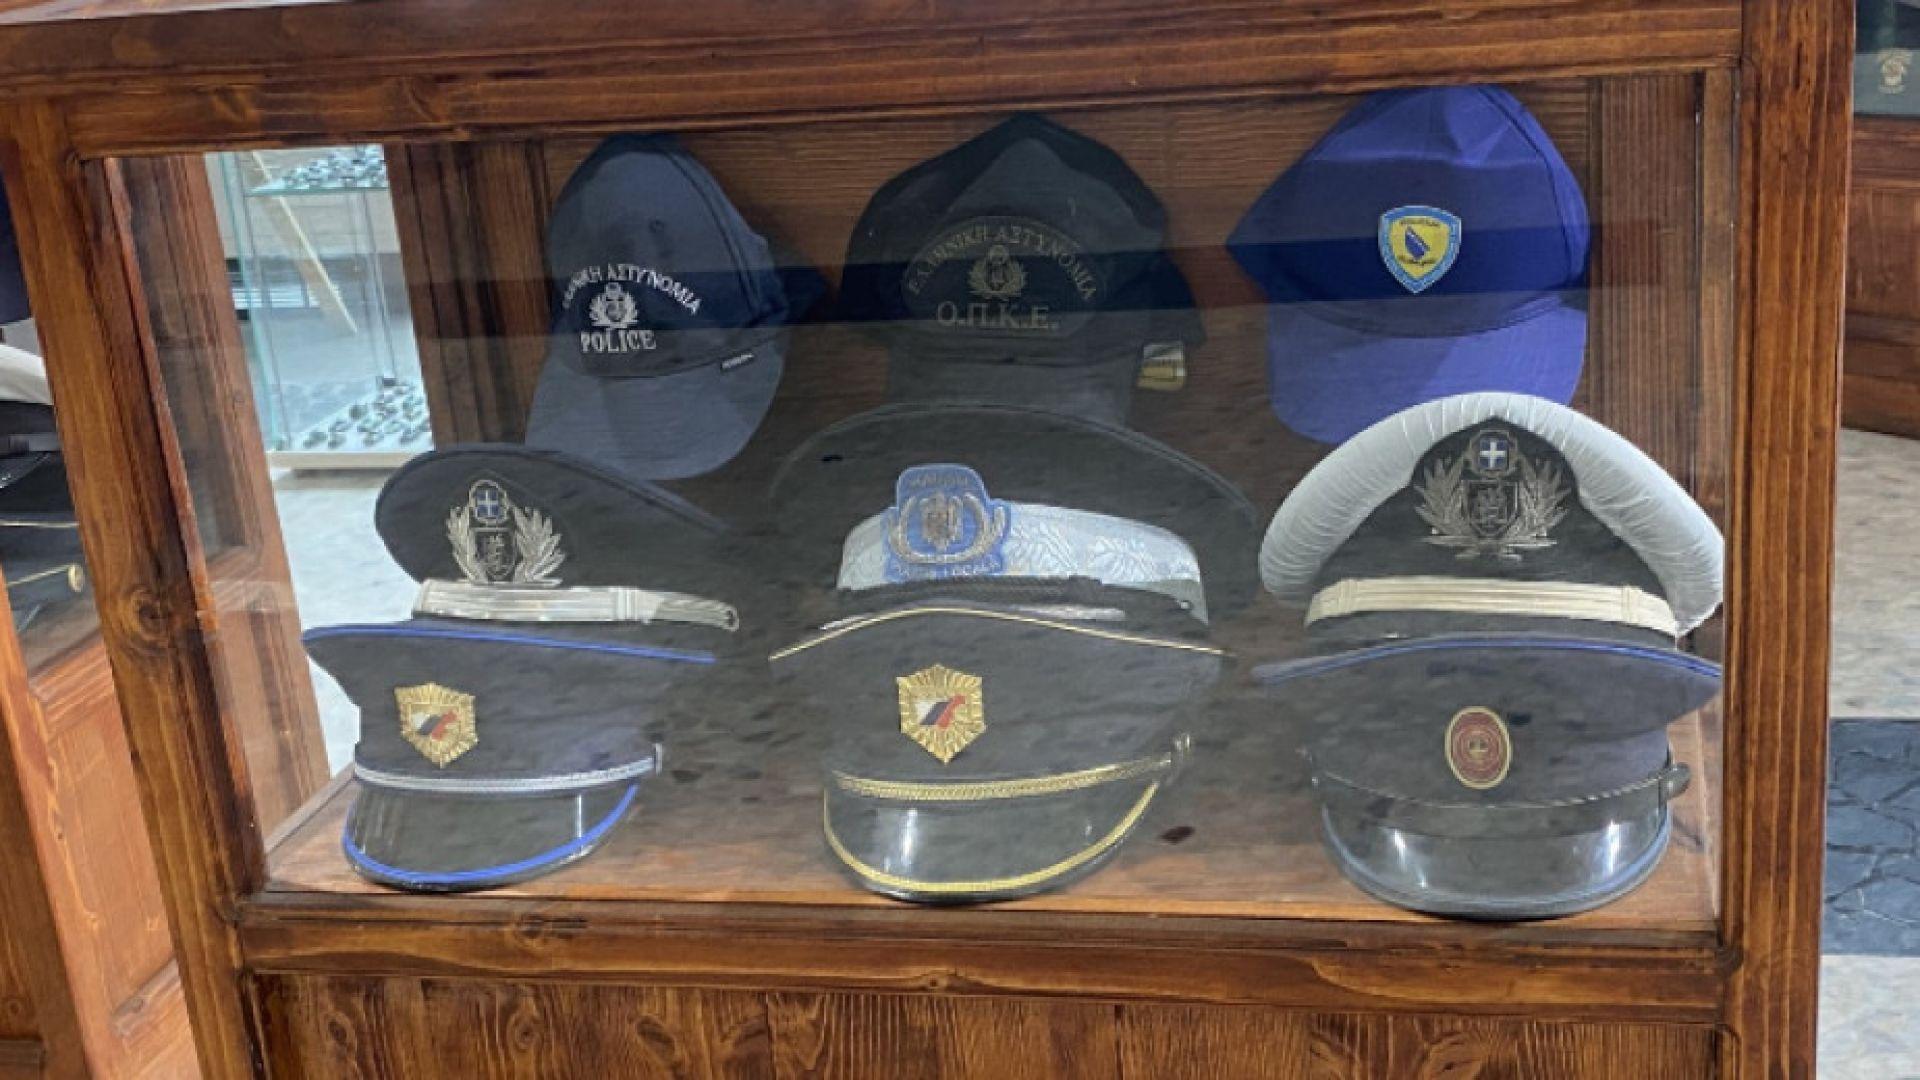 Откриват изложба на полицейски шапки и униформи в Бургас